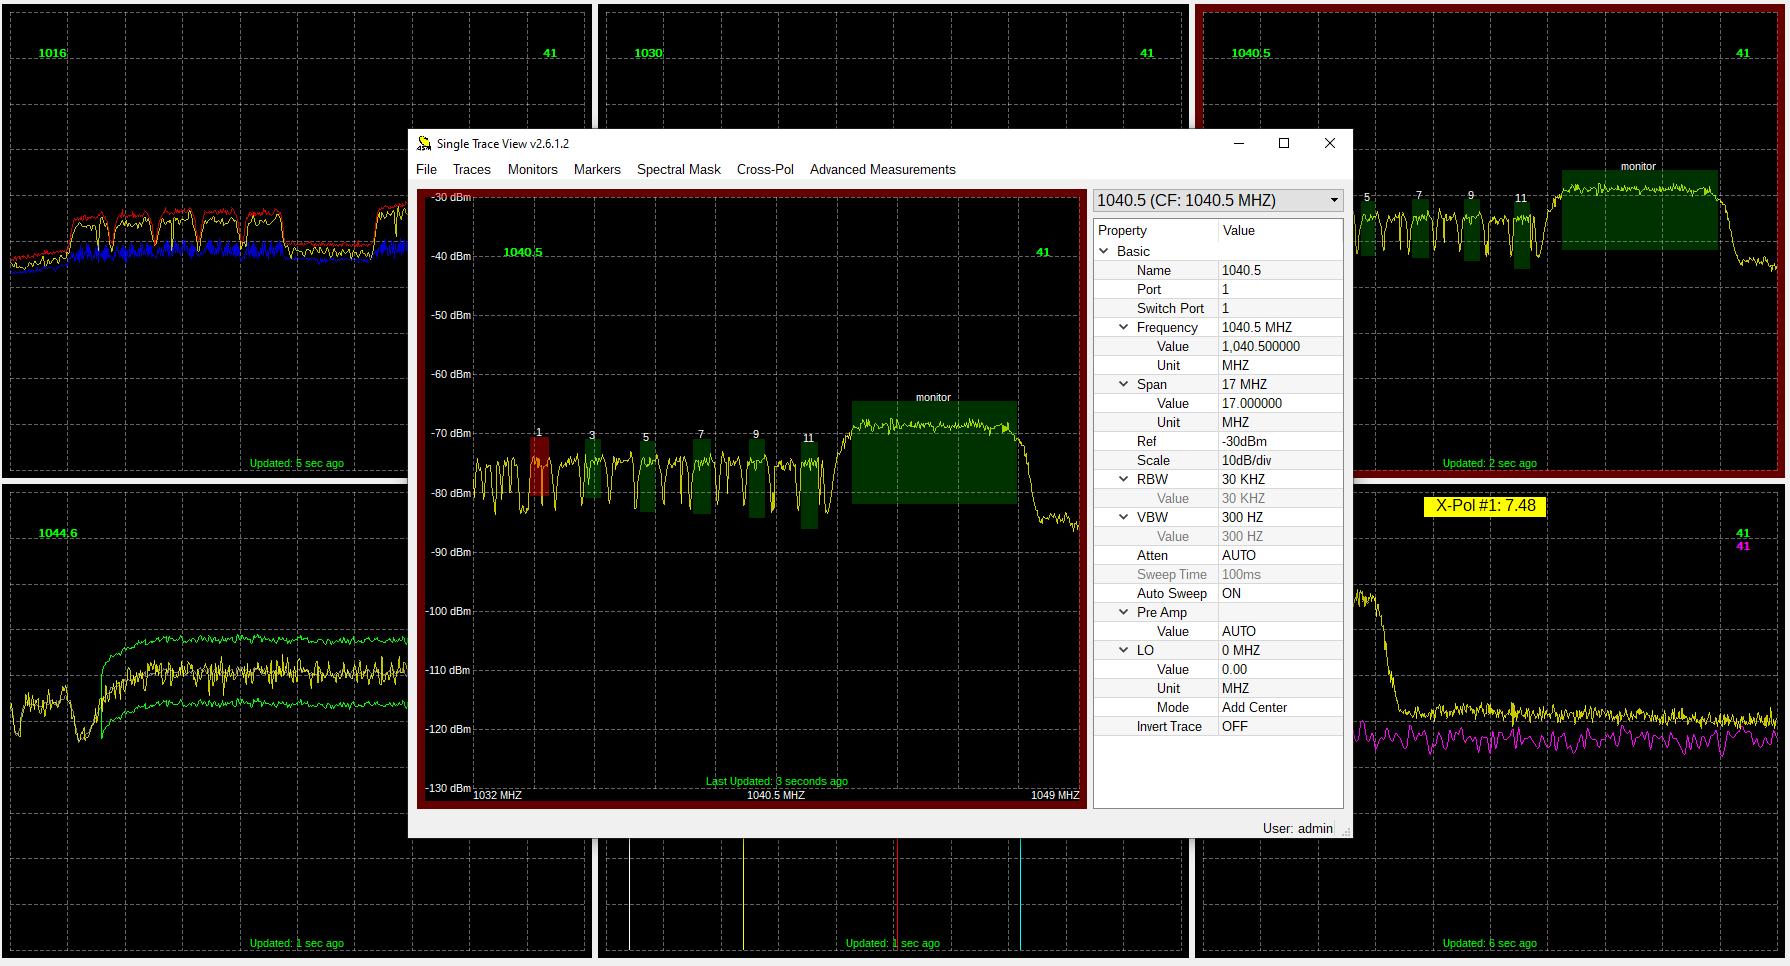 ASM Monitors